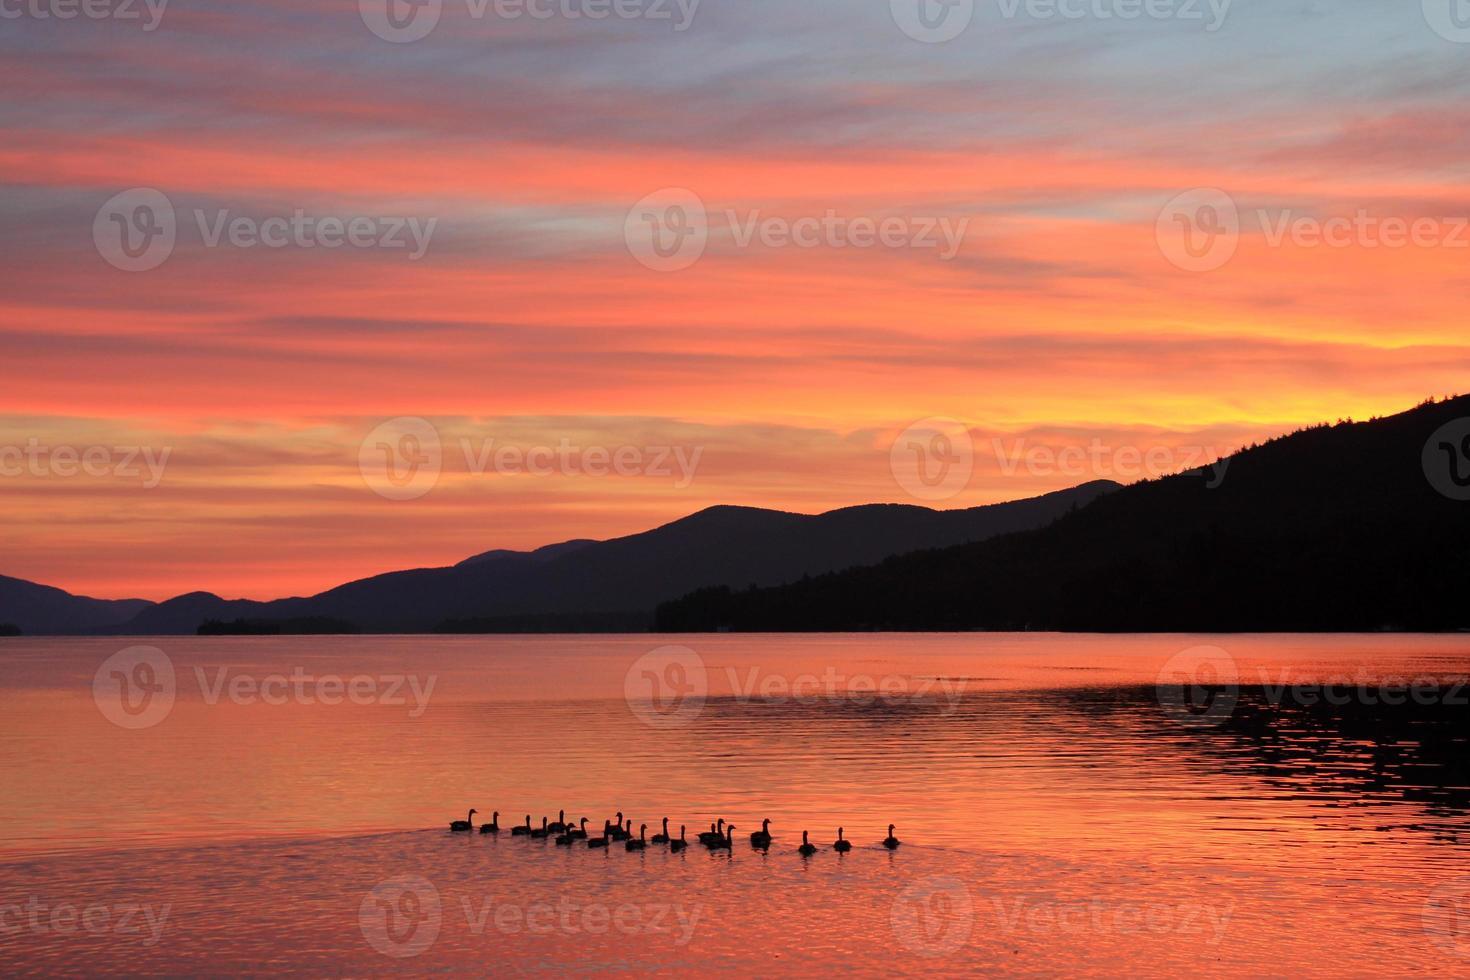 Entenfamilie schwimmt morgens bei Sonnenaufgang auf dem See foto